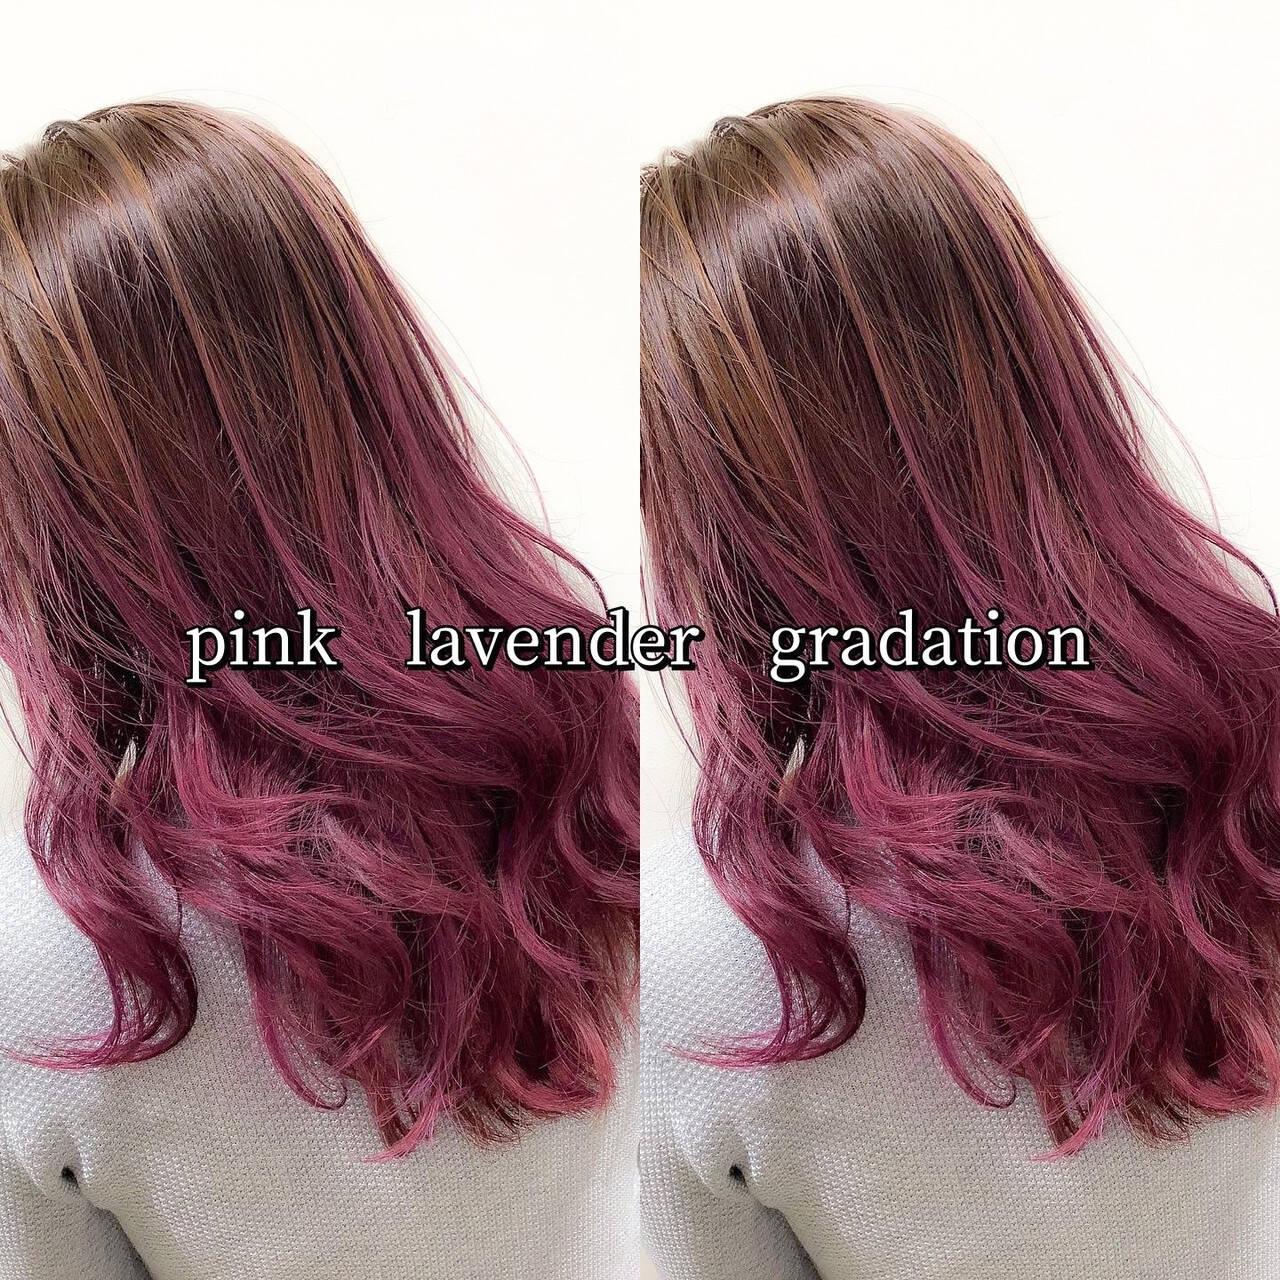 セミロング ラベンダーピンク ピンクラベンダー ストリートヘアスタイルや髪型の写真・画像